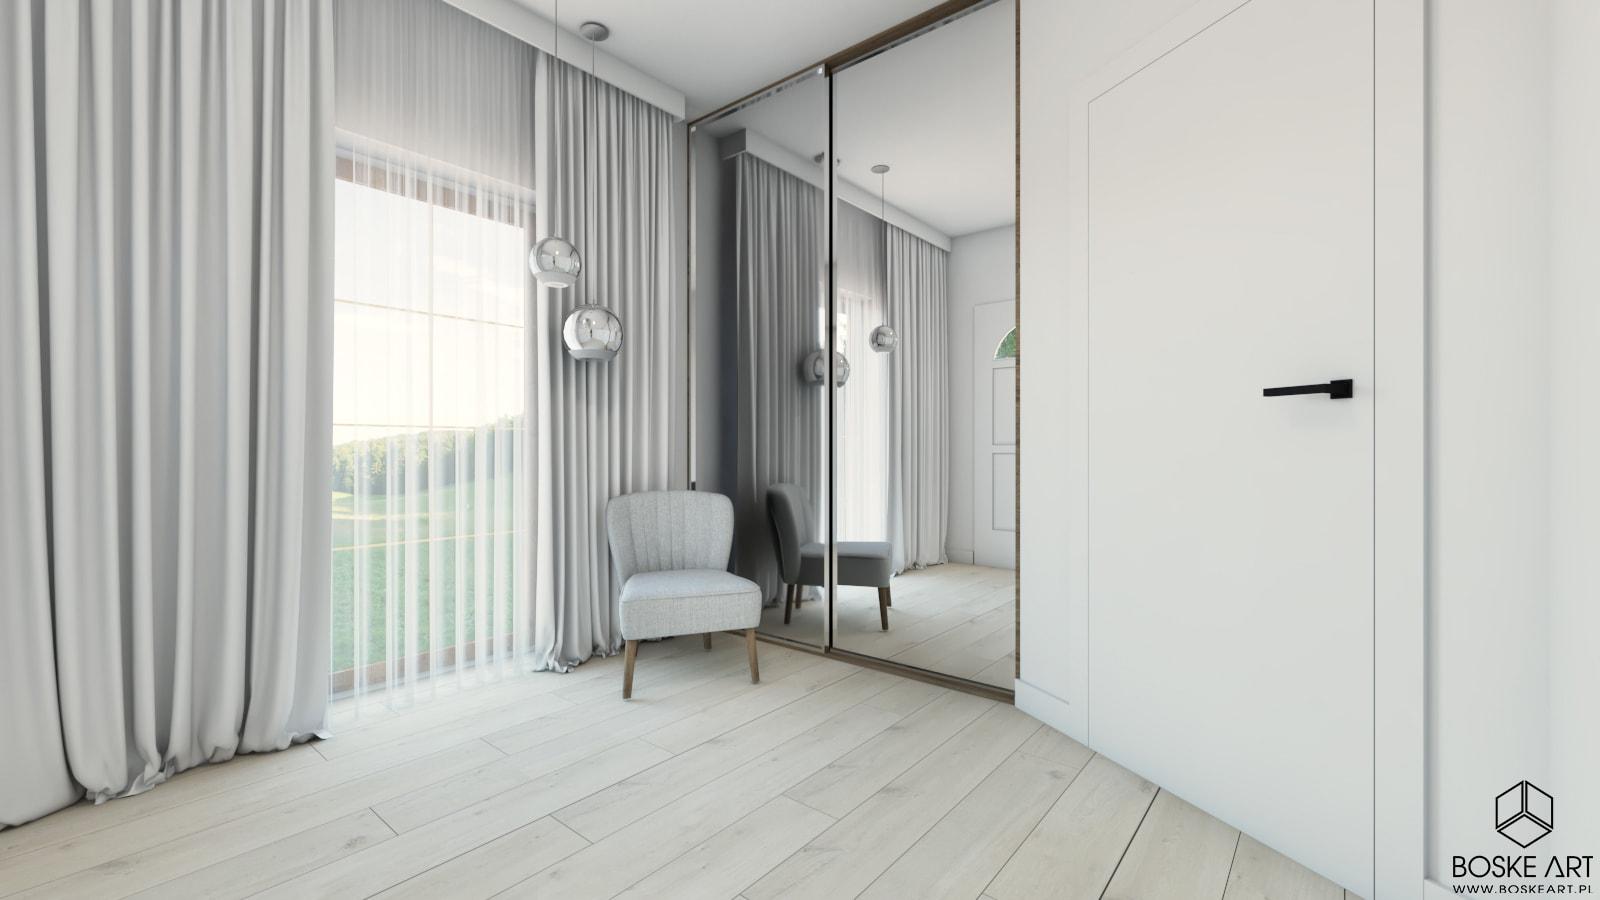 7_projekt_mieszkania_poznan_aranzacja_projektowanie_architektura_wnetrz_boske_art_projektant_wnetrz_poznan_natalia_robaszkiewicz-min